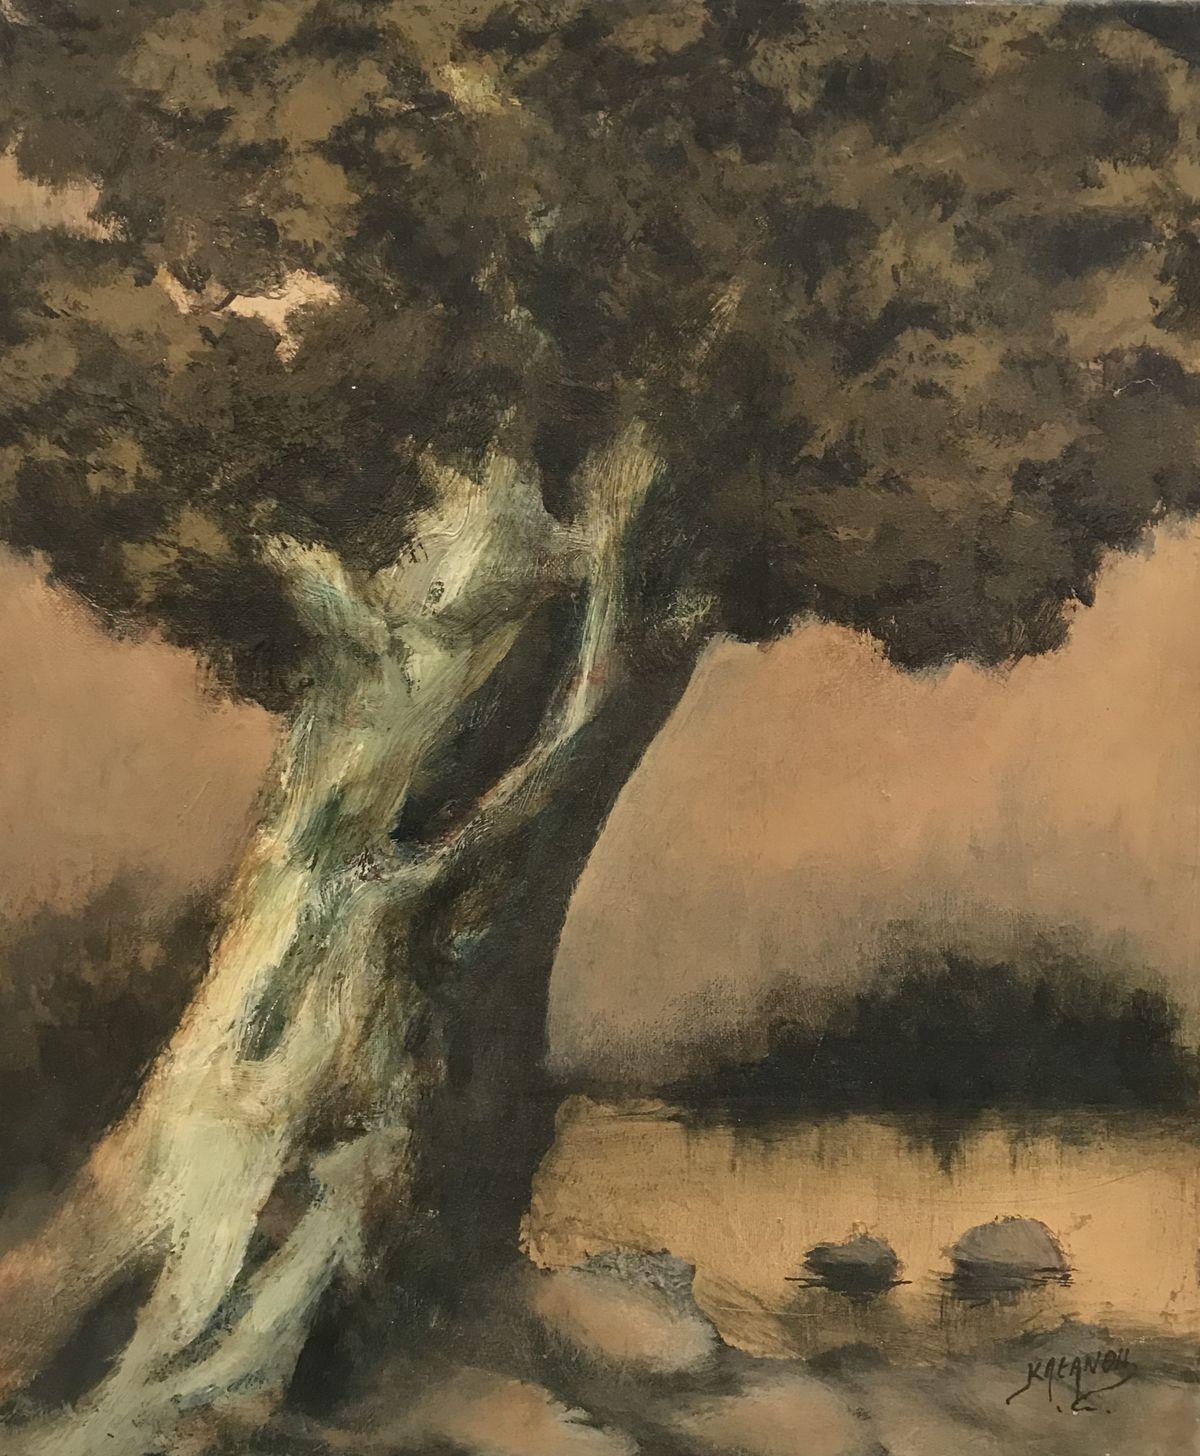 Κλεάνθη 37×40 εκ. Ακρυλικά σε καμβά Kleanthi 37×40 cm Acrylics on canvas